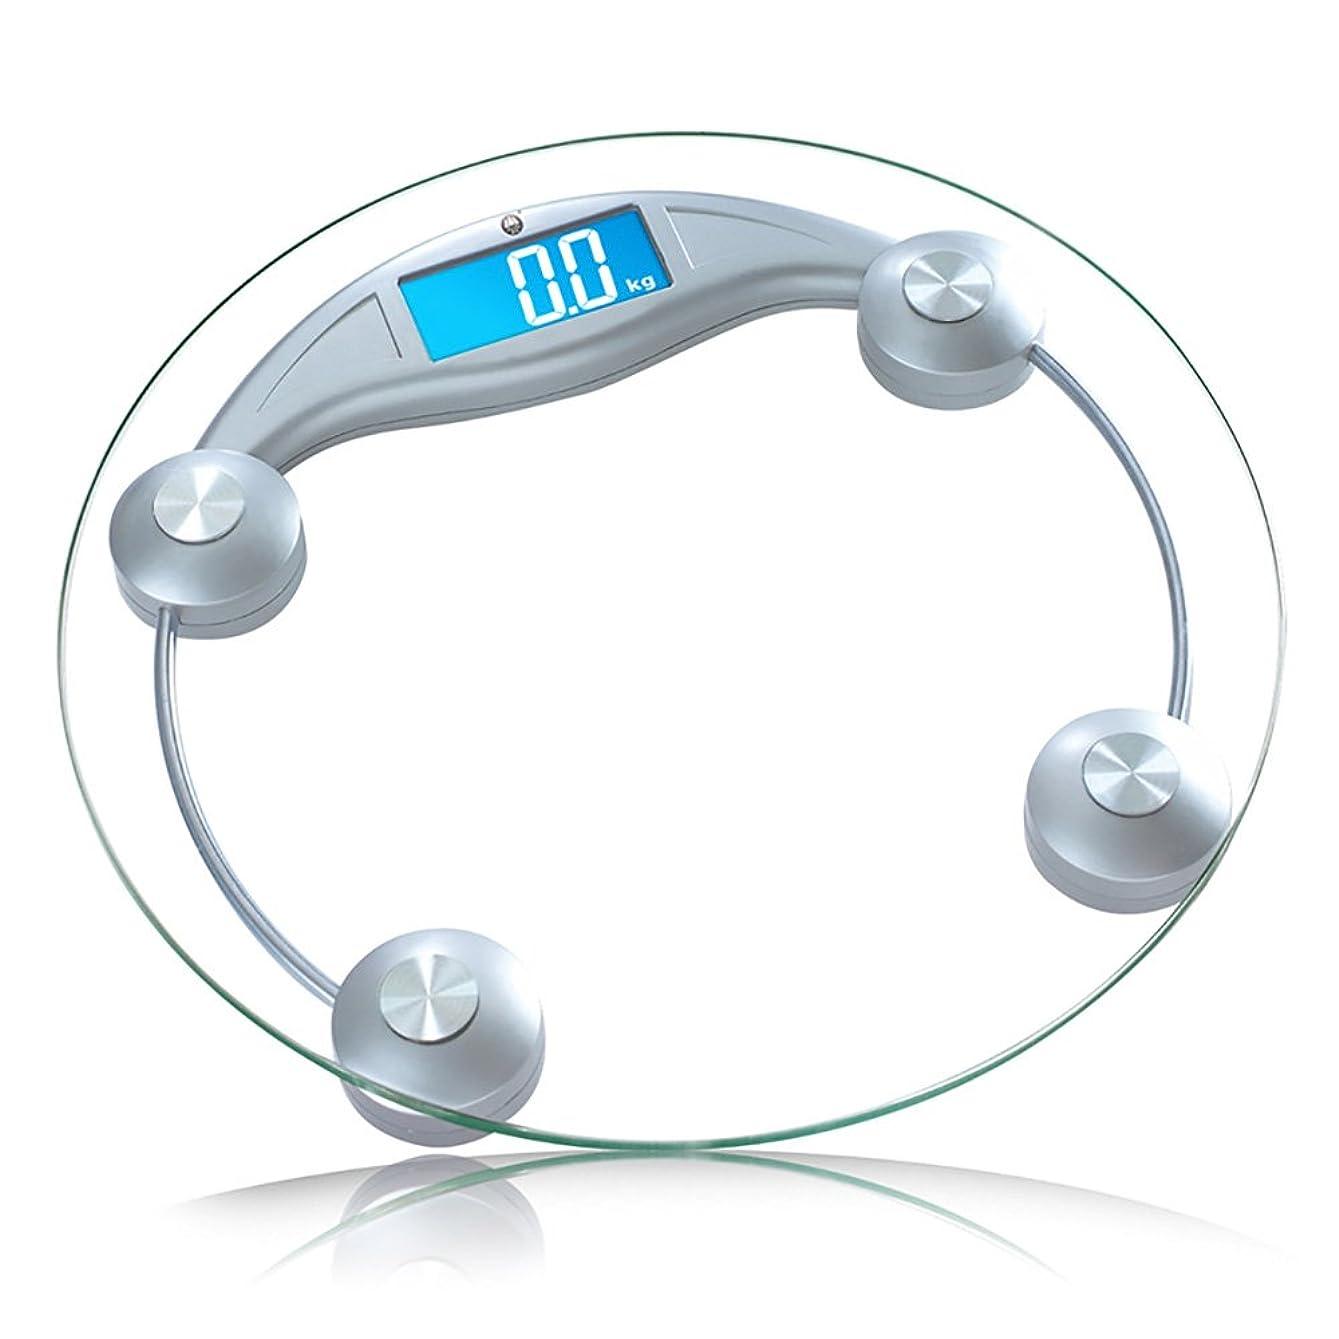 入札奇跡一般SYF 体重計 電子体重計体重計大人の体格体重健康体重計重量負荷170KG A+